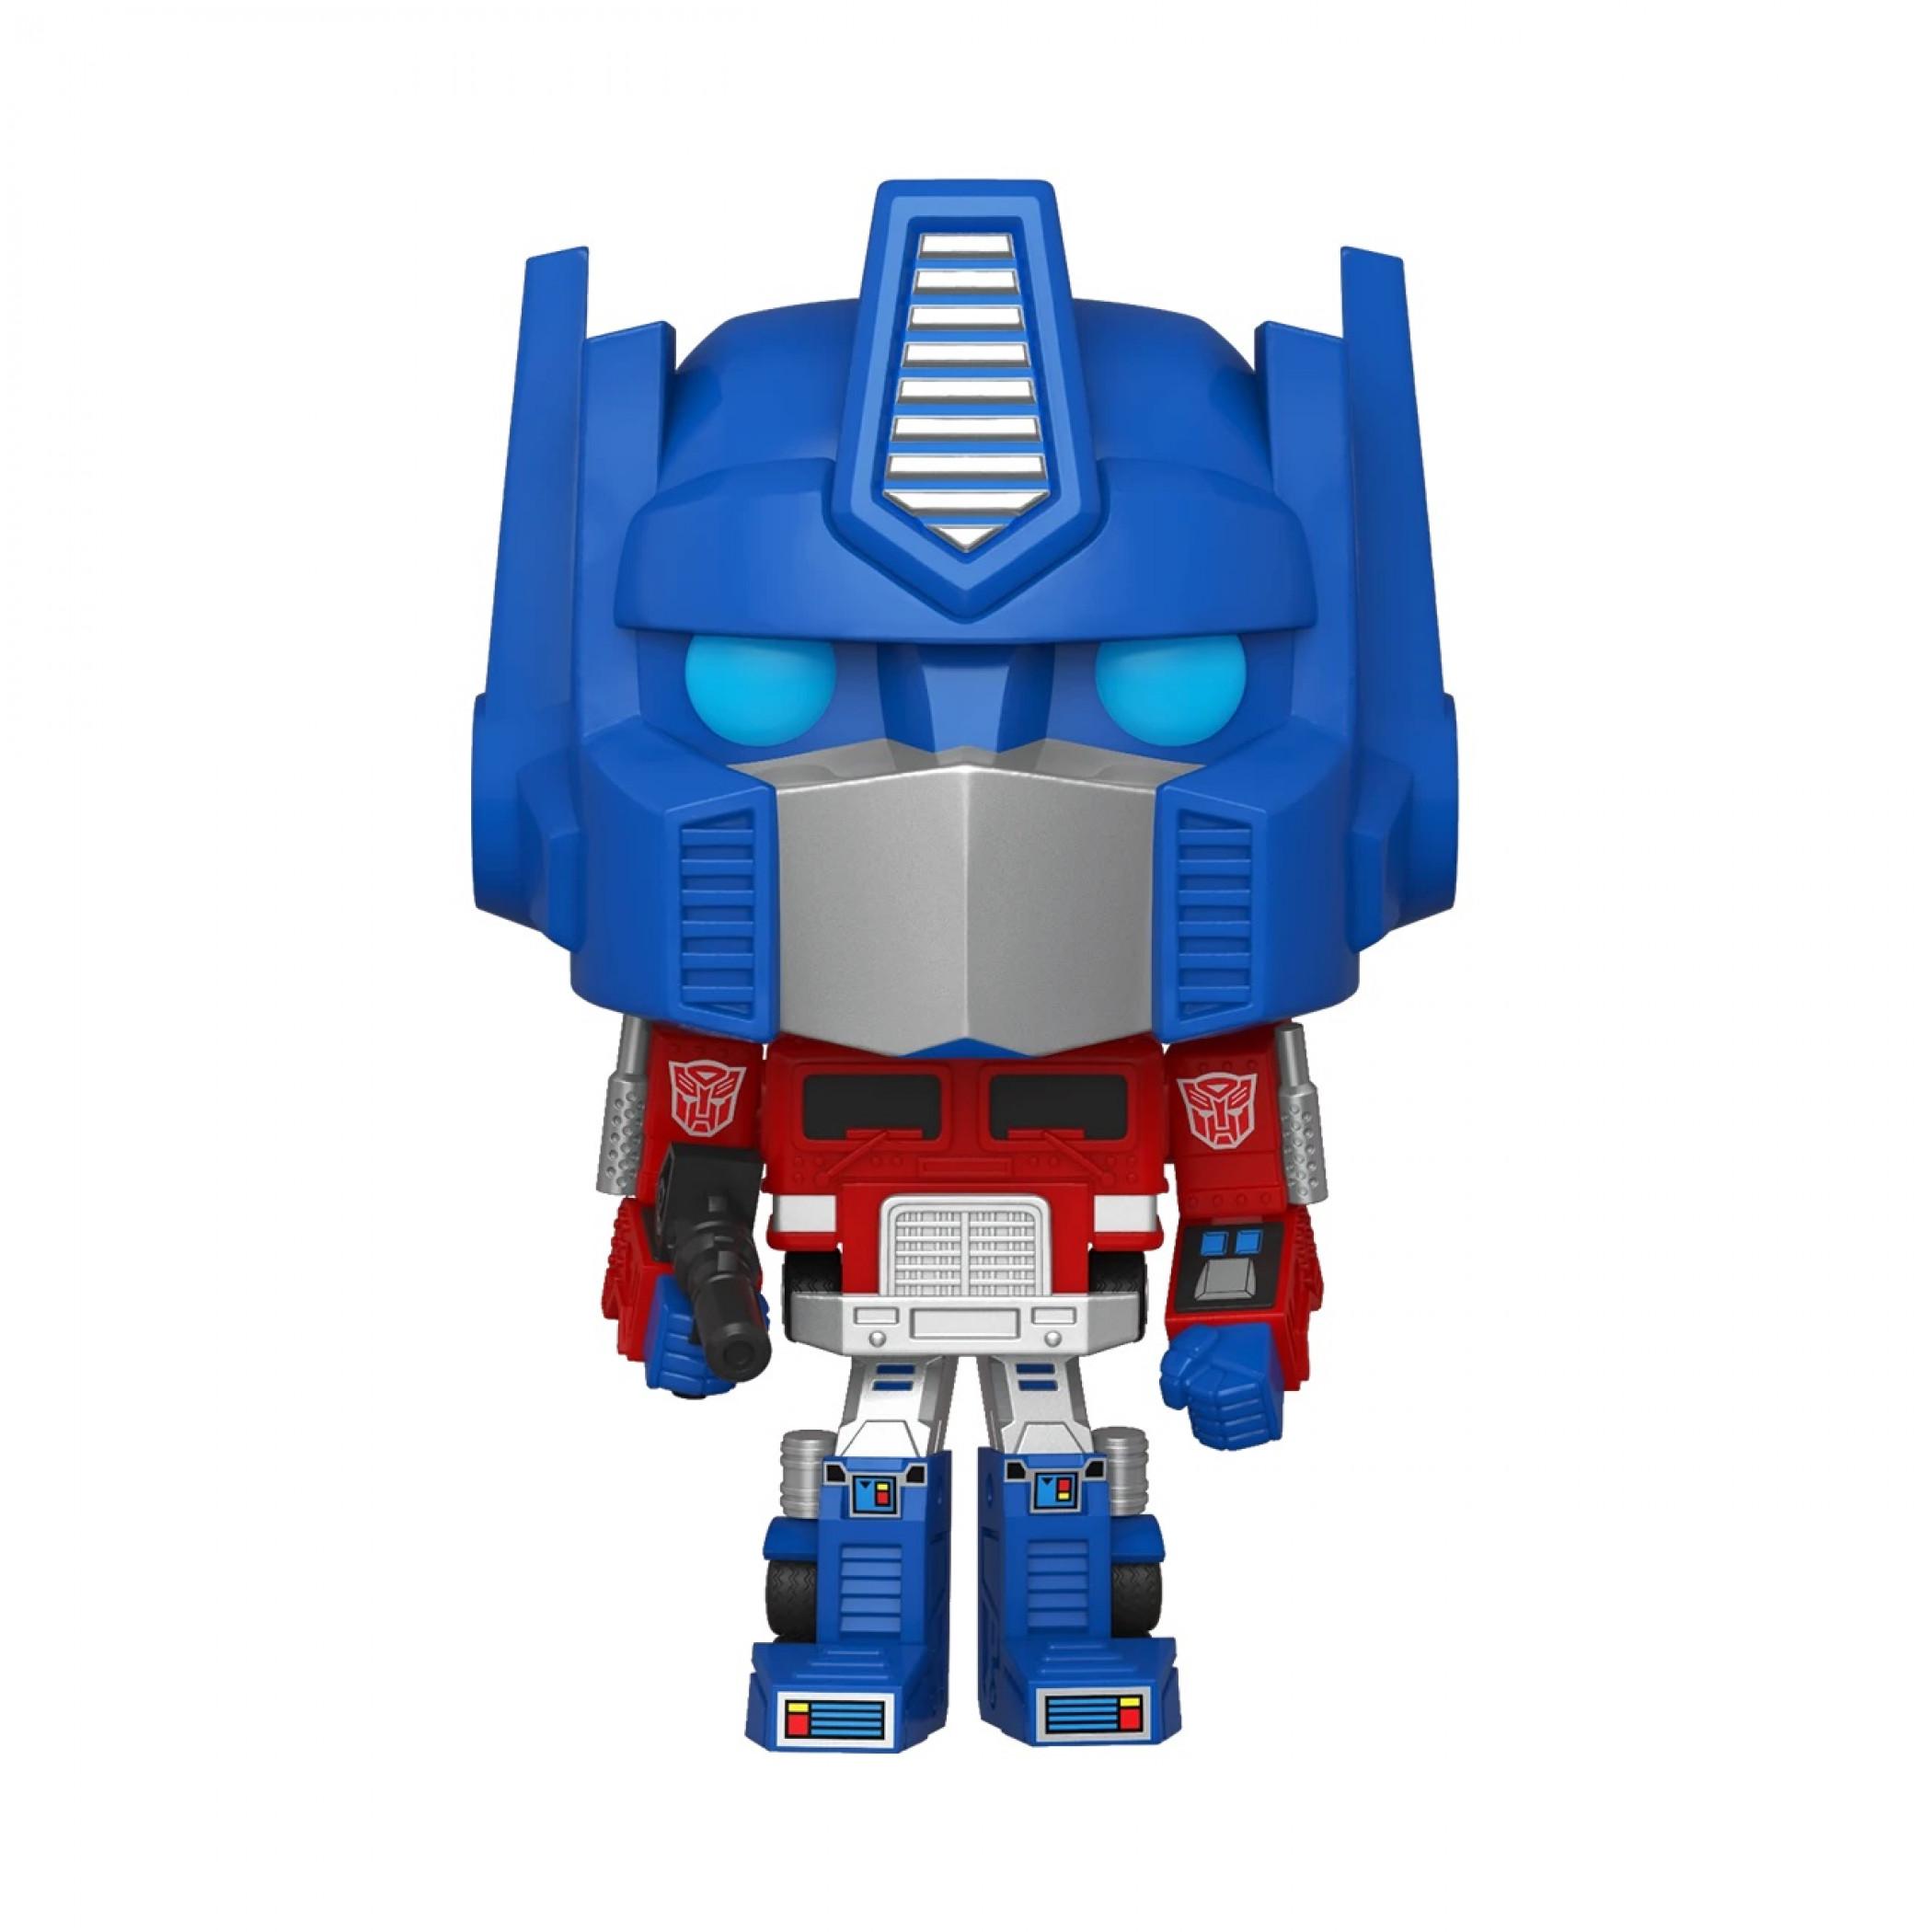 Transformers Optimus Prime Vinyl Funko Pop!